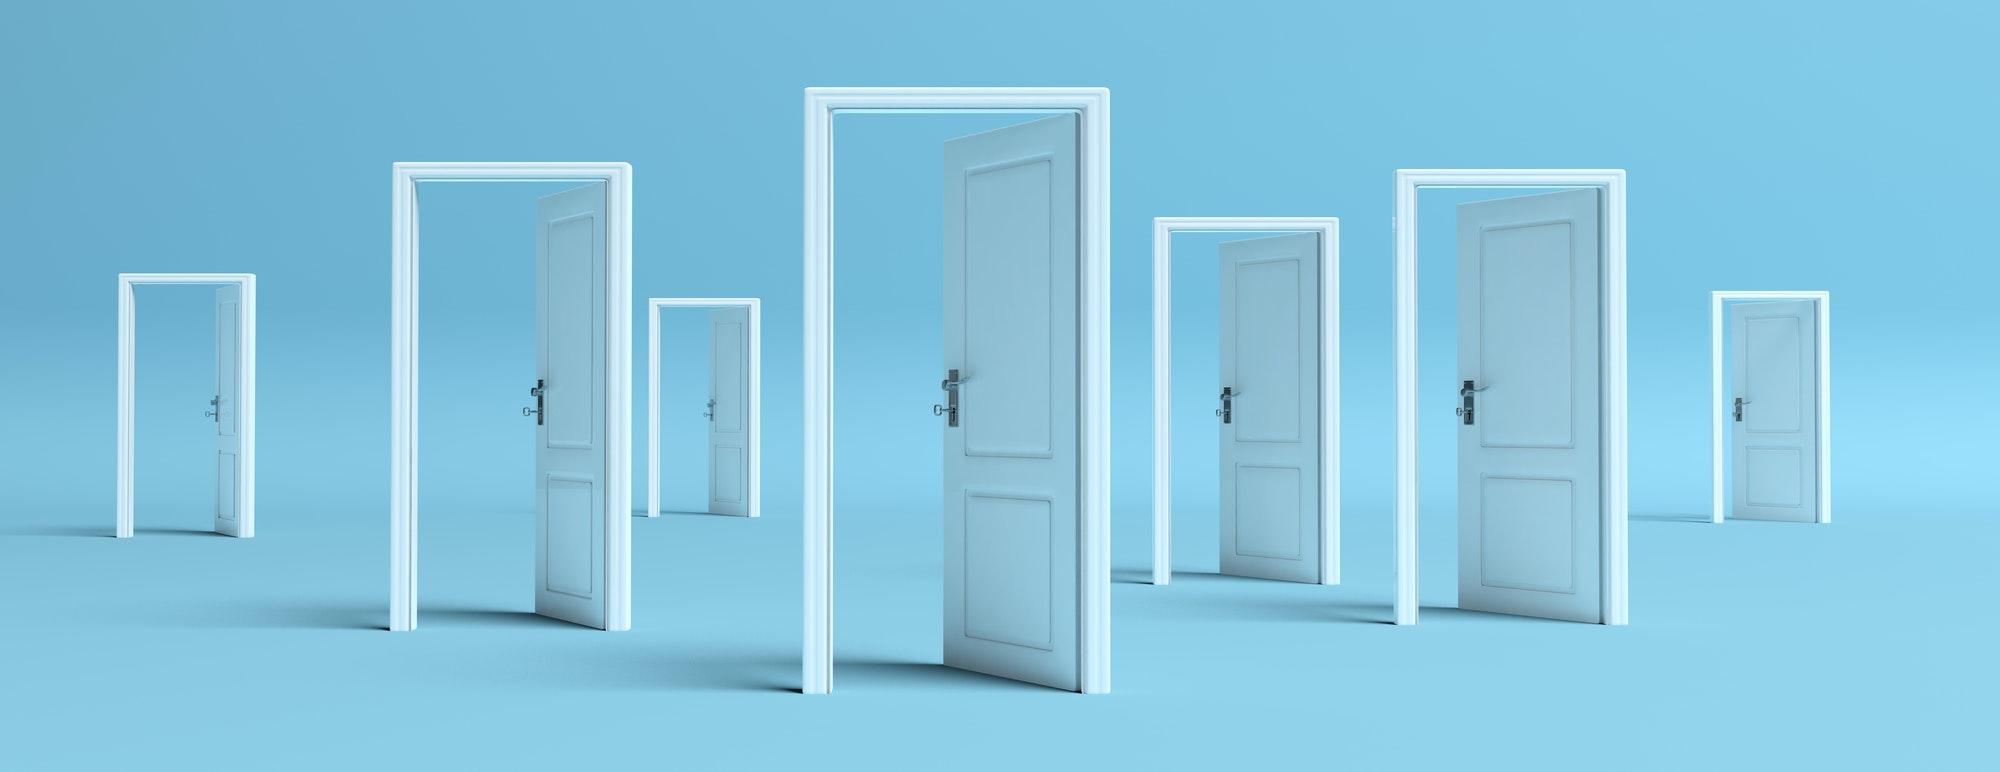 Puertas Aluminio Puertas blancas abiertas sobre fondo azul